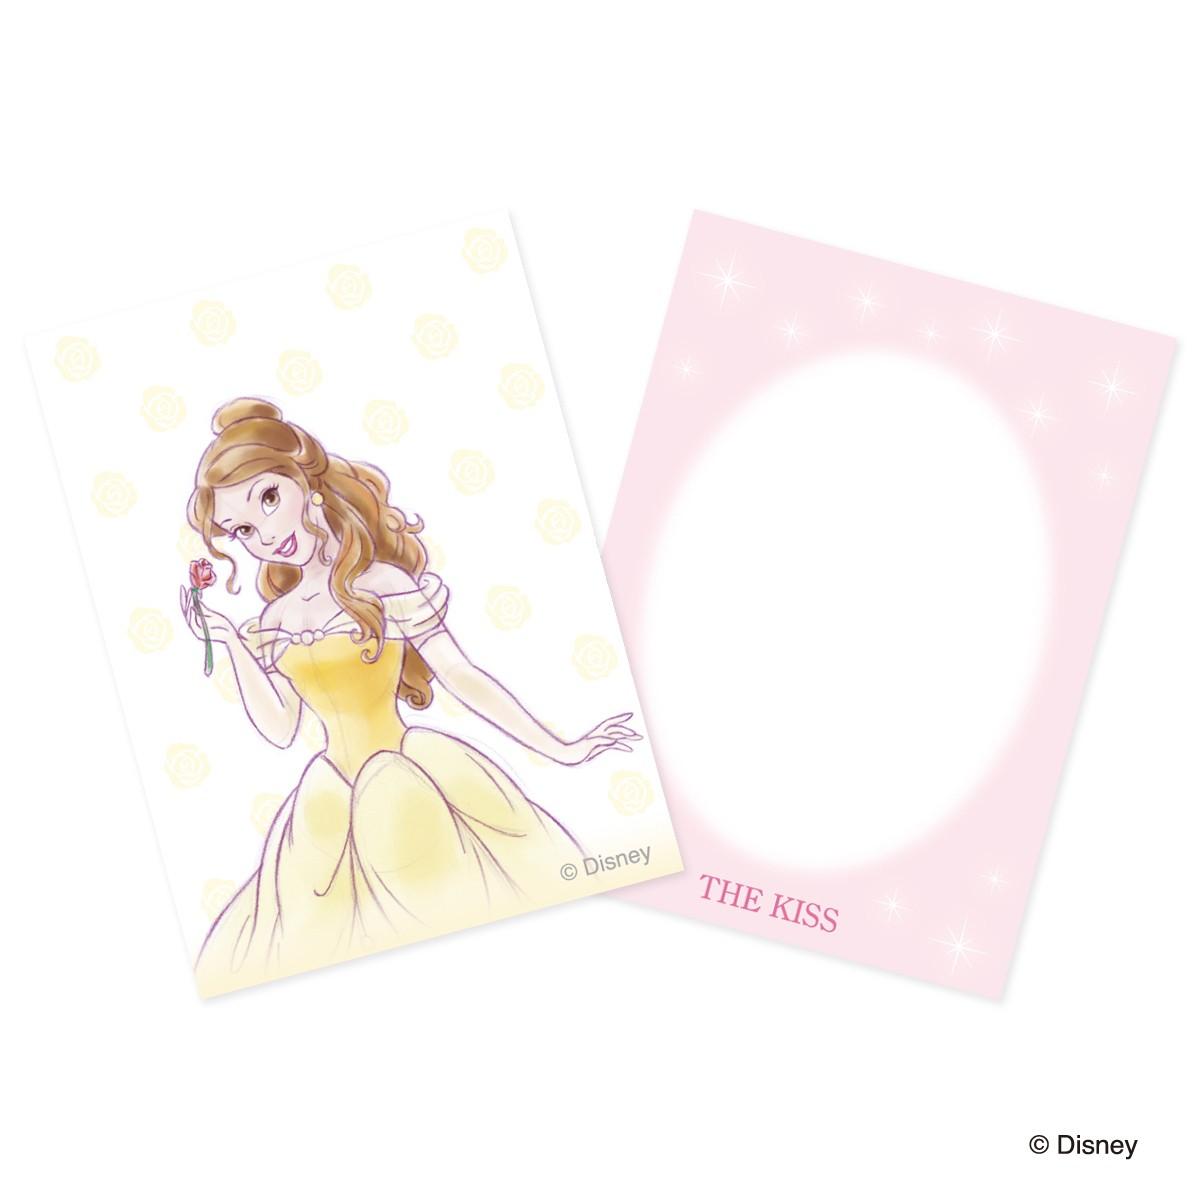 【ディズニー】THE KISS プリンセス ベル ネックレス DI-SN1816CB 【Disney】